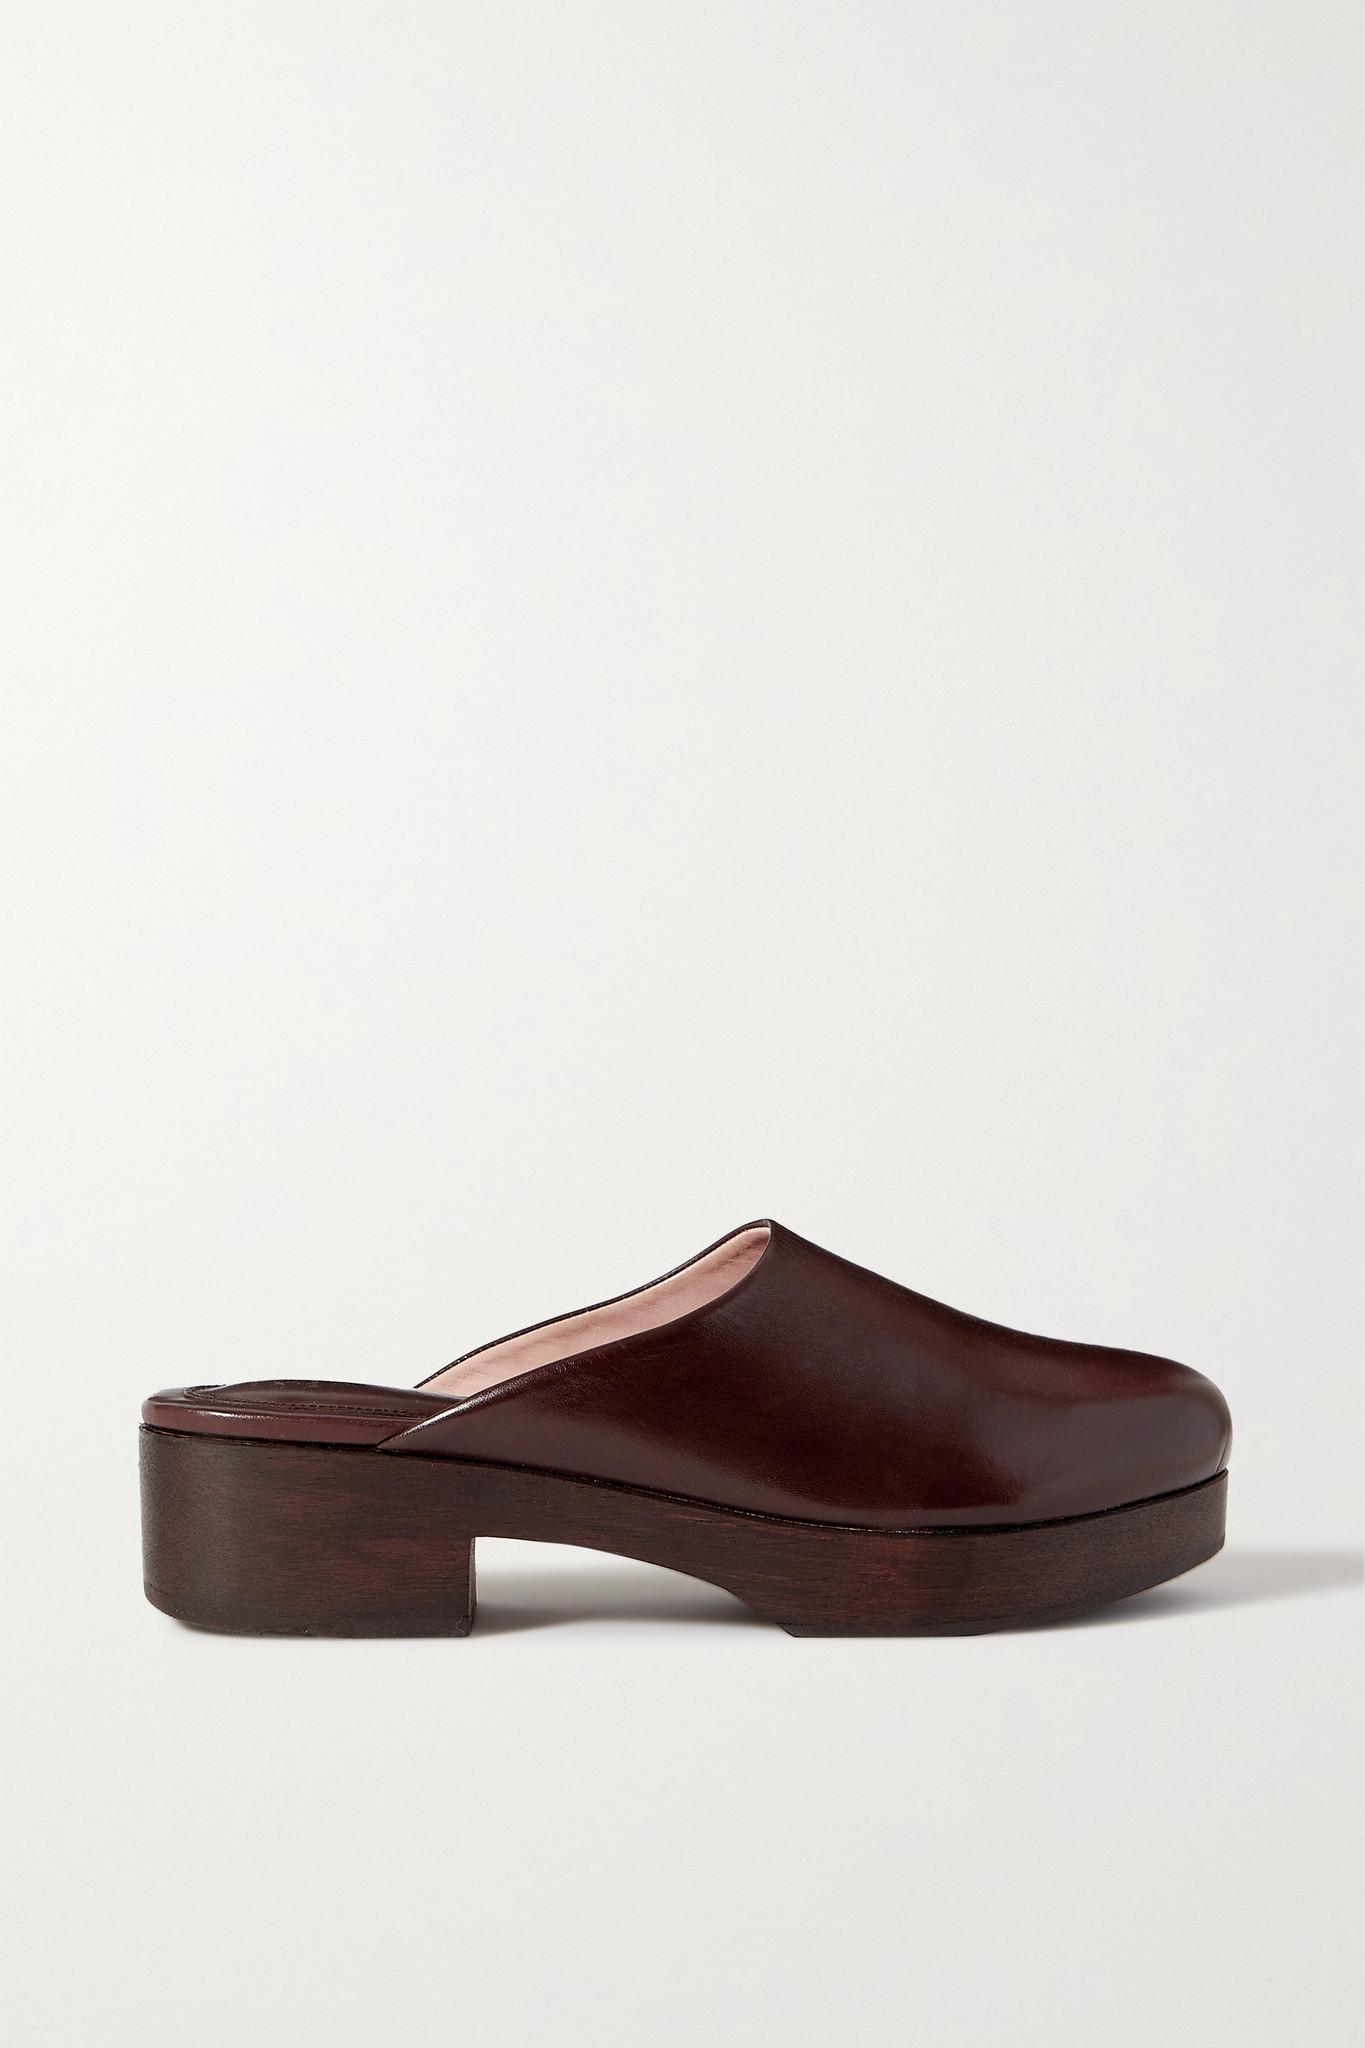 PORTE & PAIRE - + Frankie Shop Leather Clogs - Brown - 40